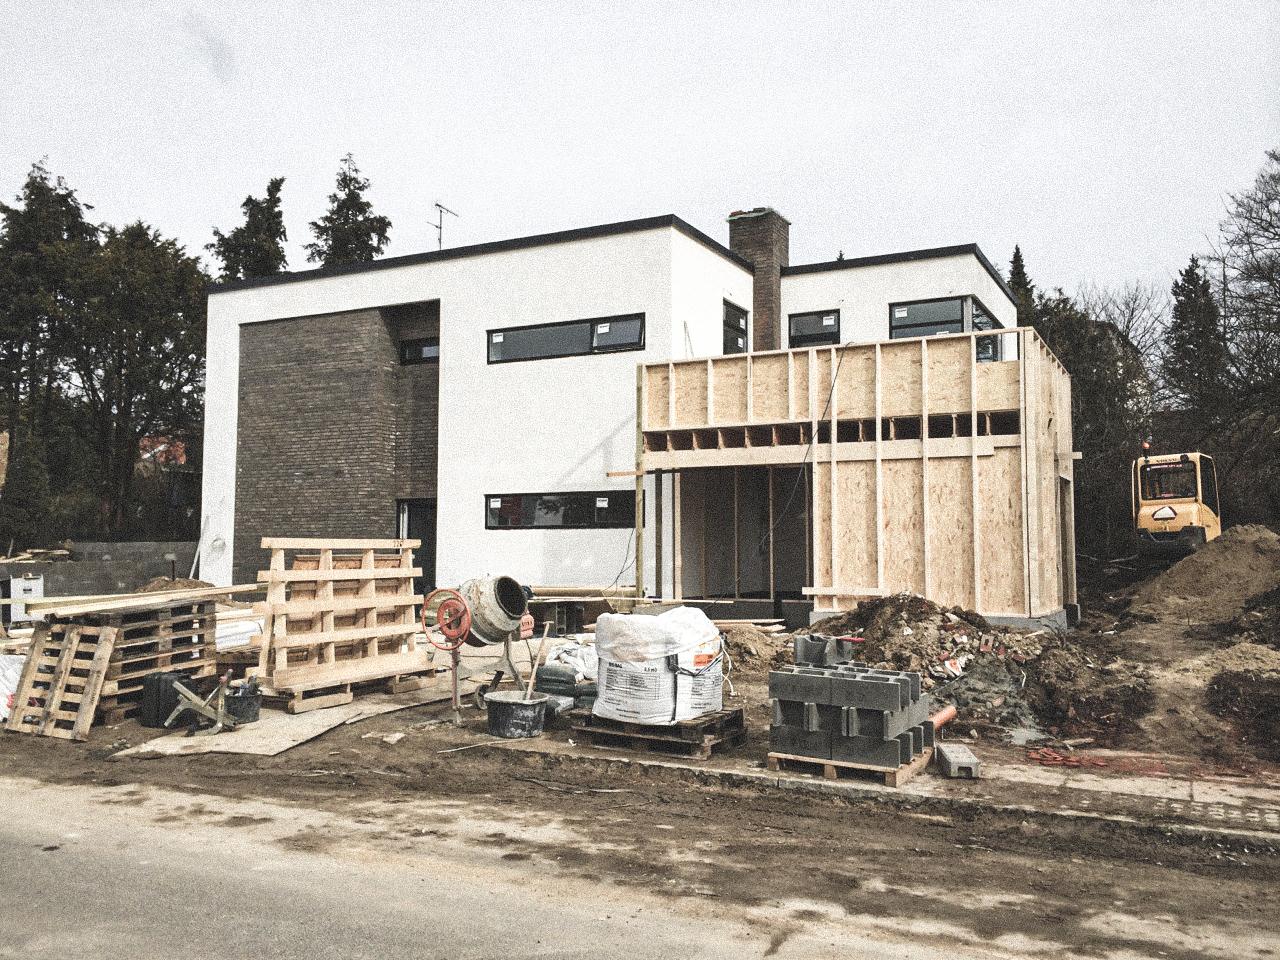 Billede af et igangværende byggeri i Gentofte, tegnet af arkitektfirmaet m2plus.